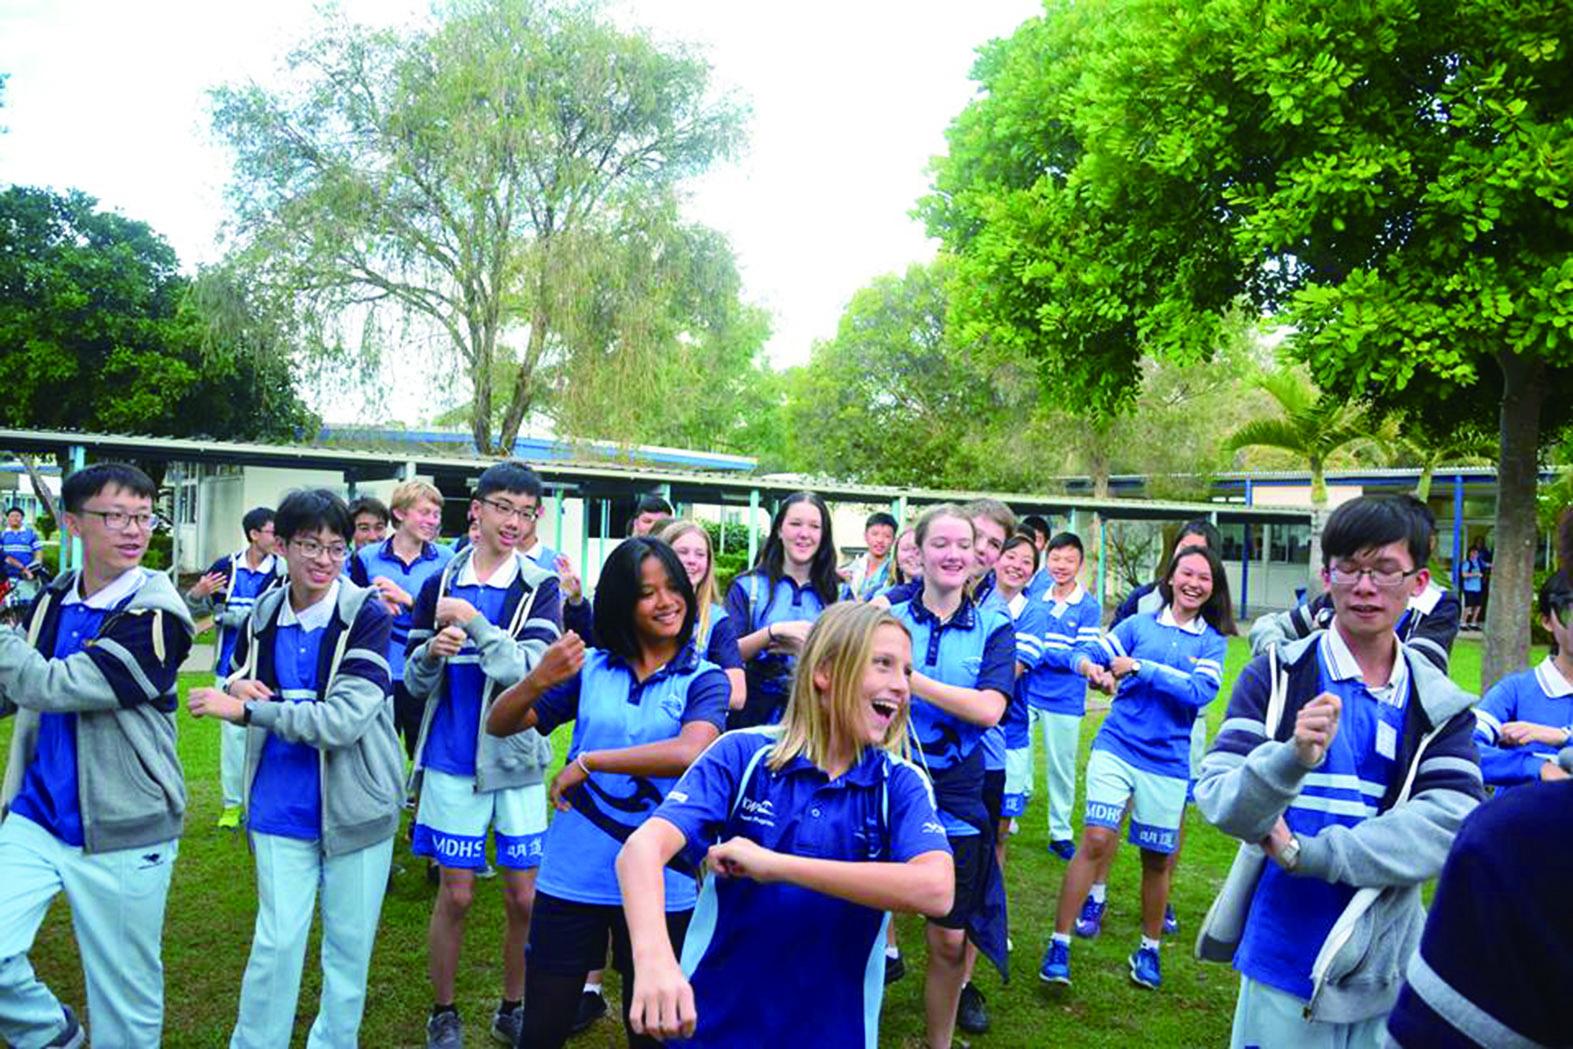 澳洲昆士蘭州教育部國際菁英學生領導統御暨學校體驗營 | 到現在還是會想念——